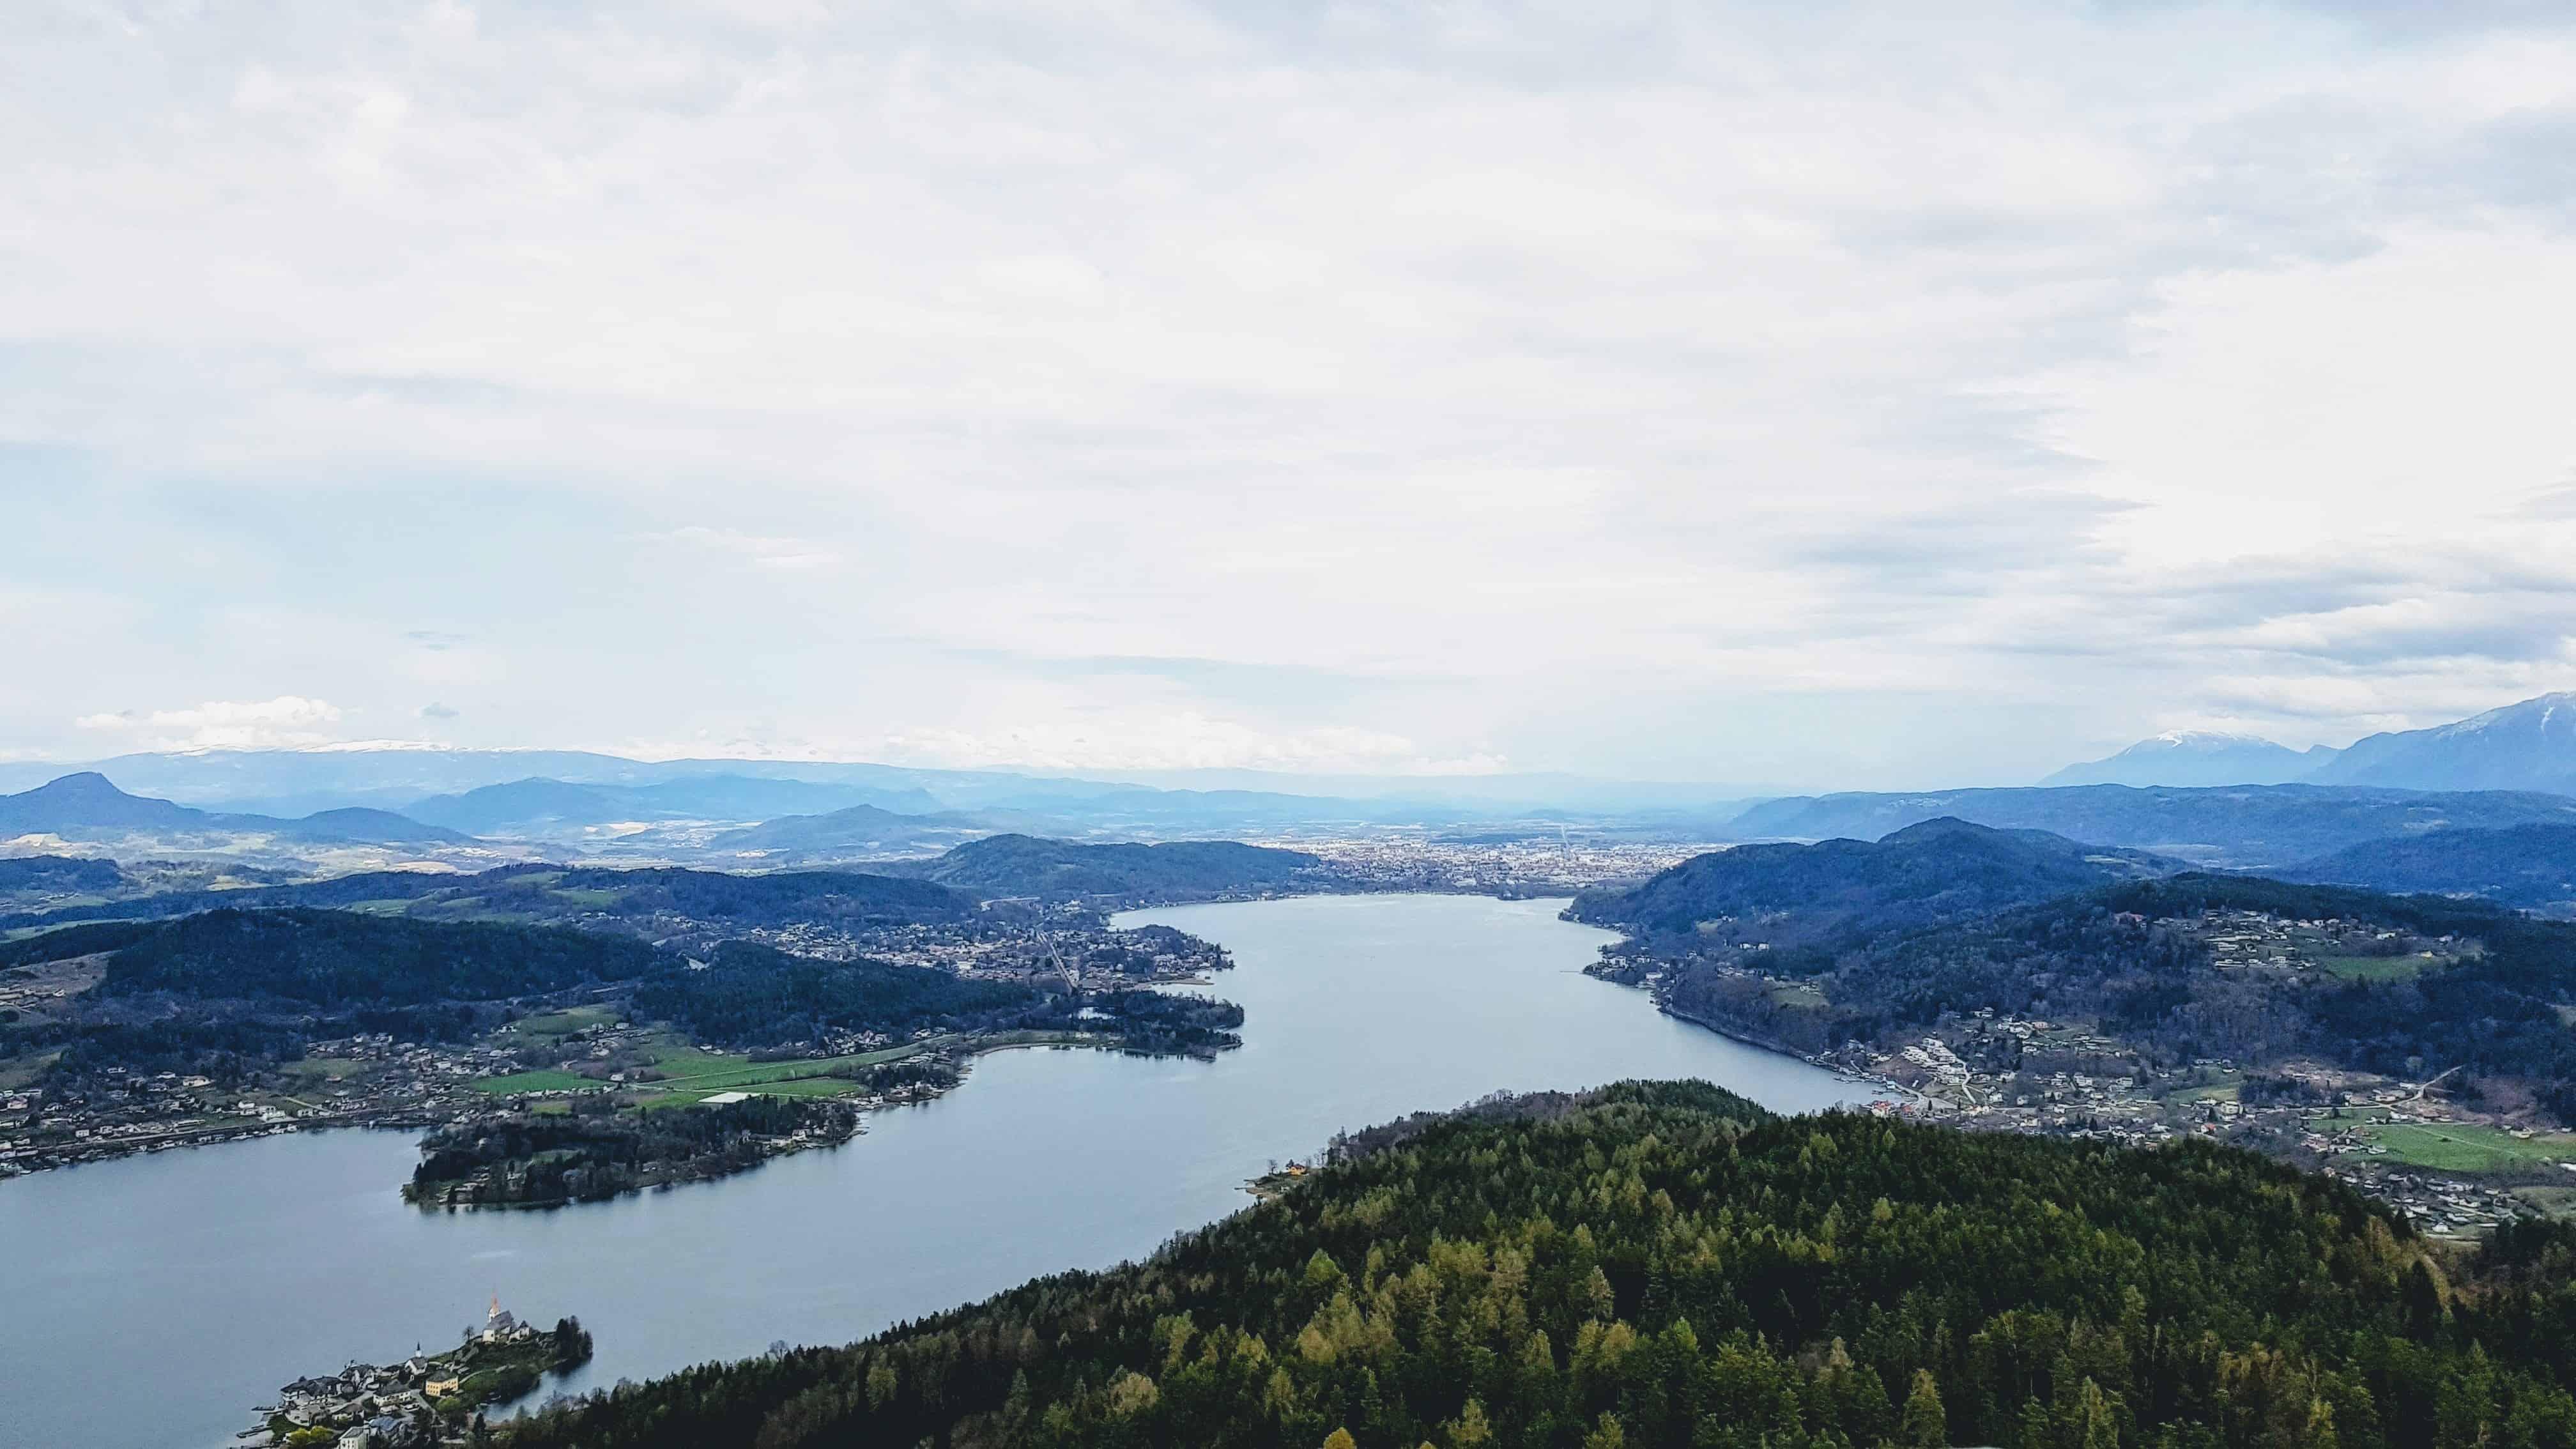 Urlaub in Kärnten - Ausflug zum Pyramidenkogel - Panoramablick auf Klagenfurt am Wörthersee